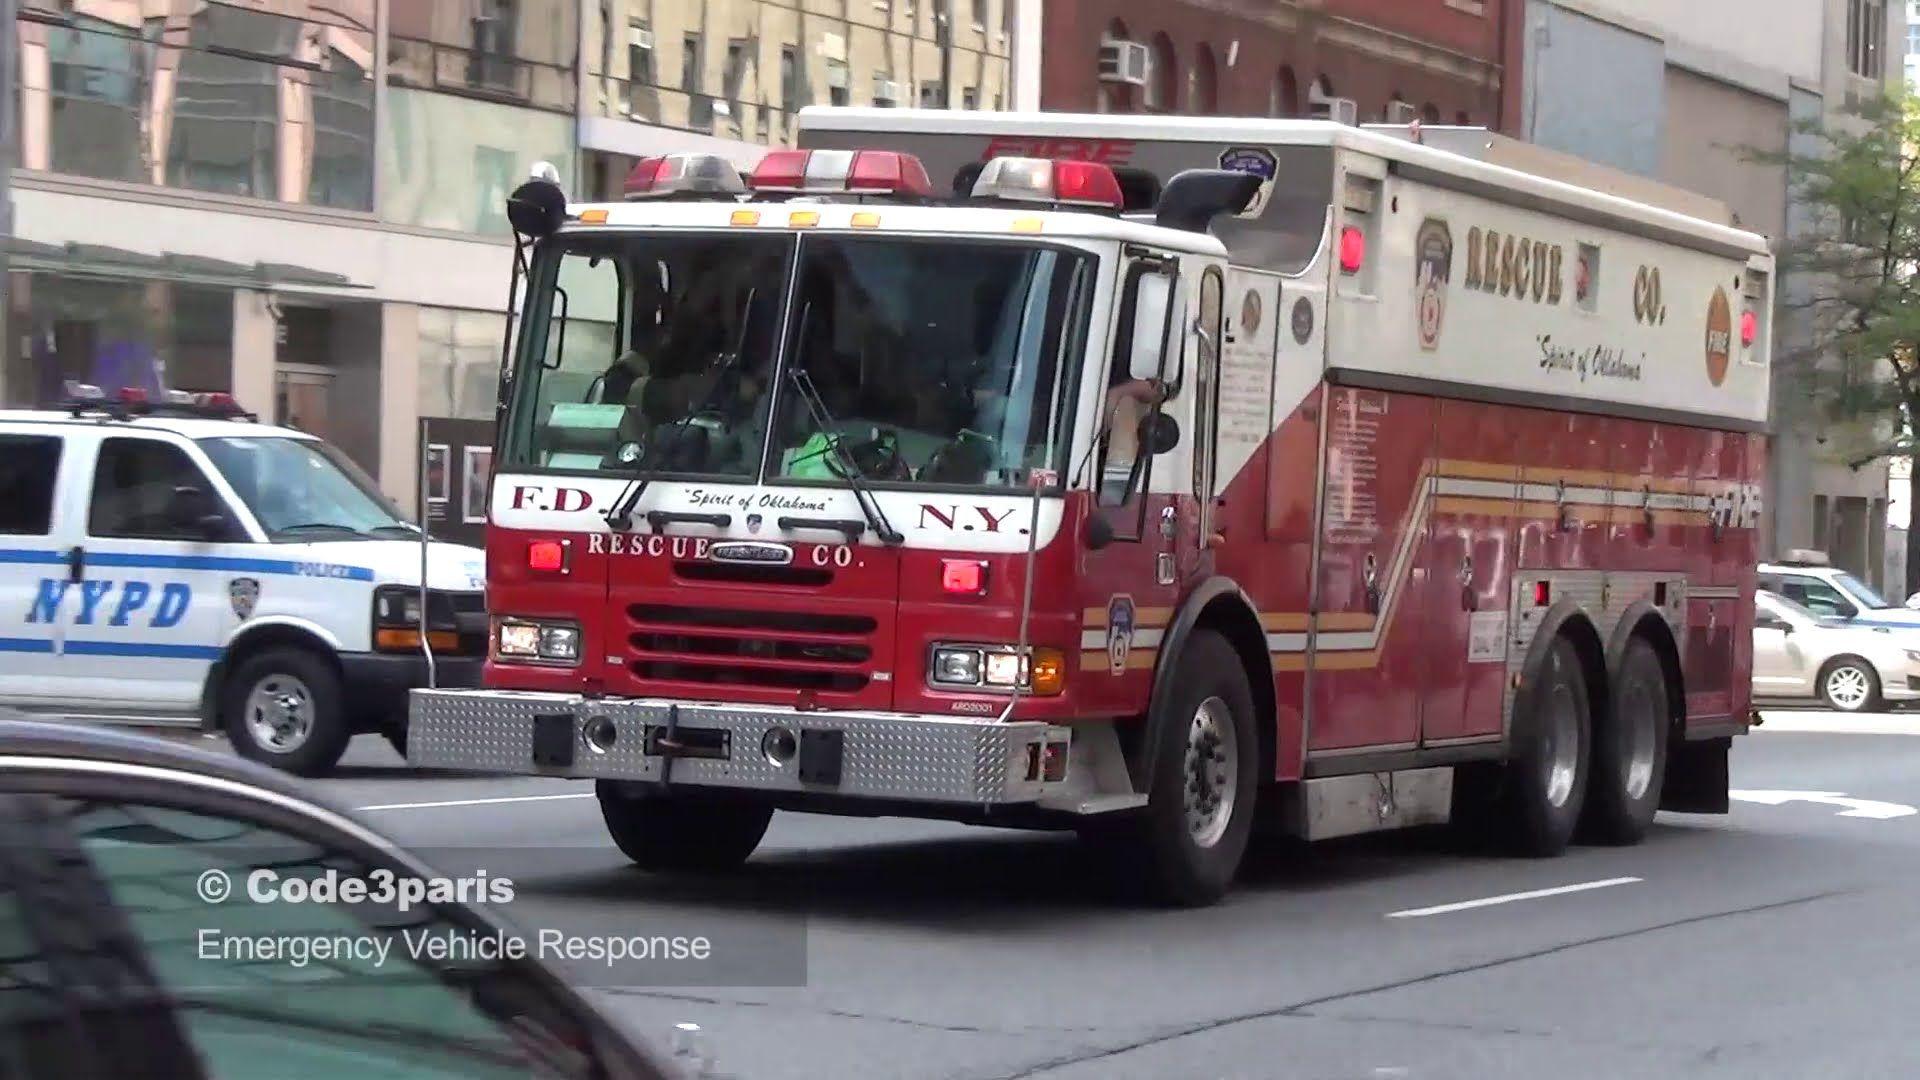 Fdny Rescue 1 Spare Air Horns Fdny Rescue 1 Fdny Rescue